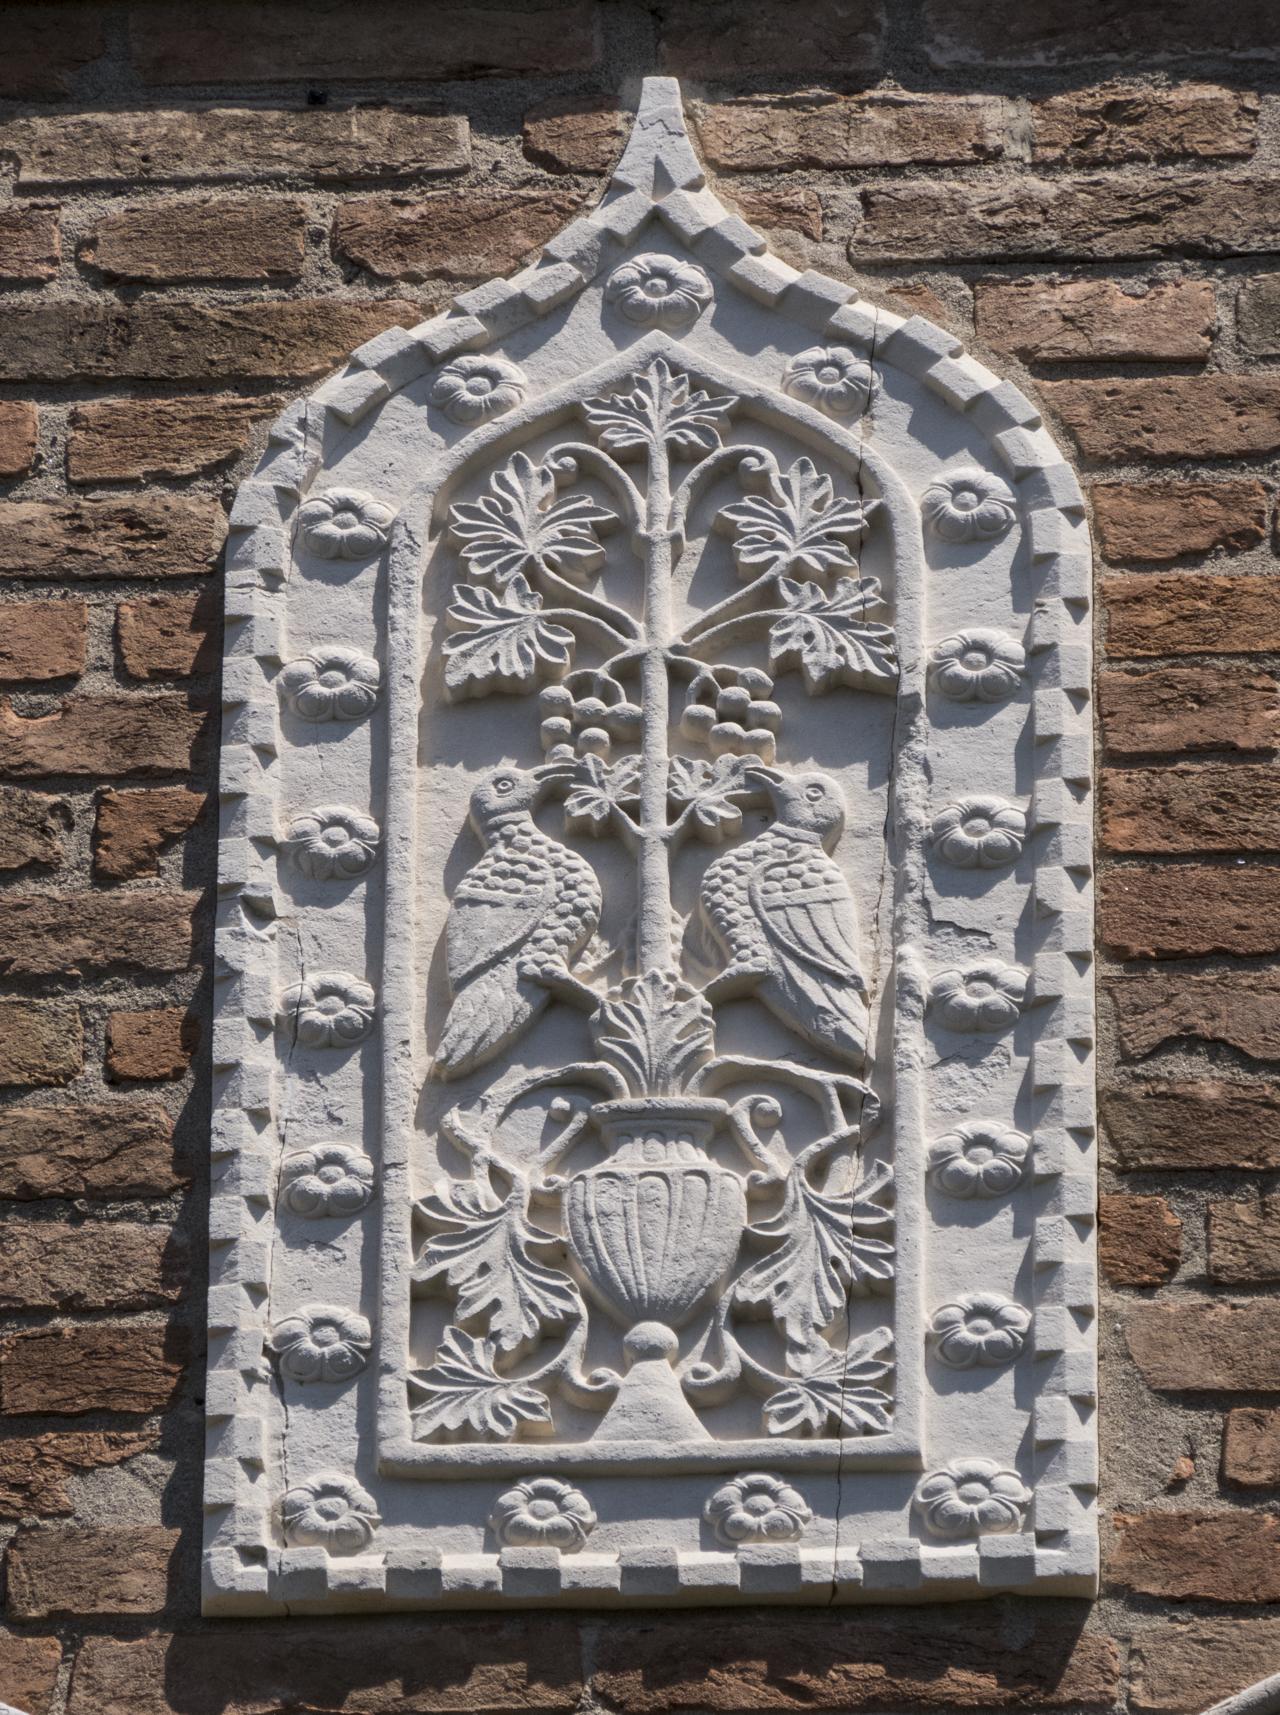 coppia di colombe, vaso, vite con frutti, motivi decorativi floreali e a dentelli (formella, serie) - ambito veneziano (sec. XX)